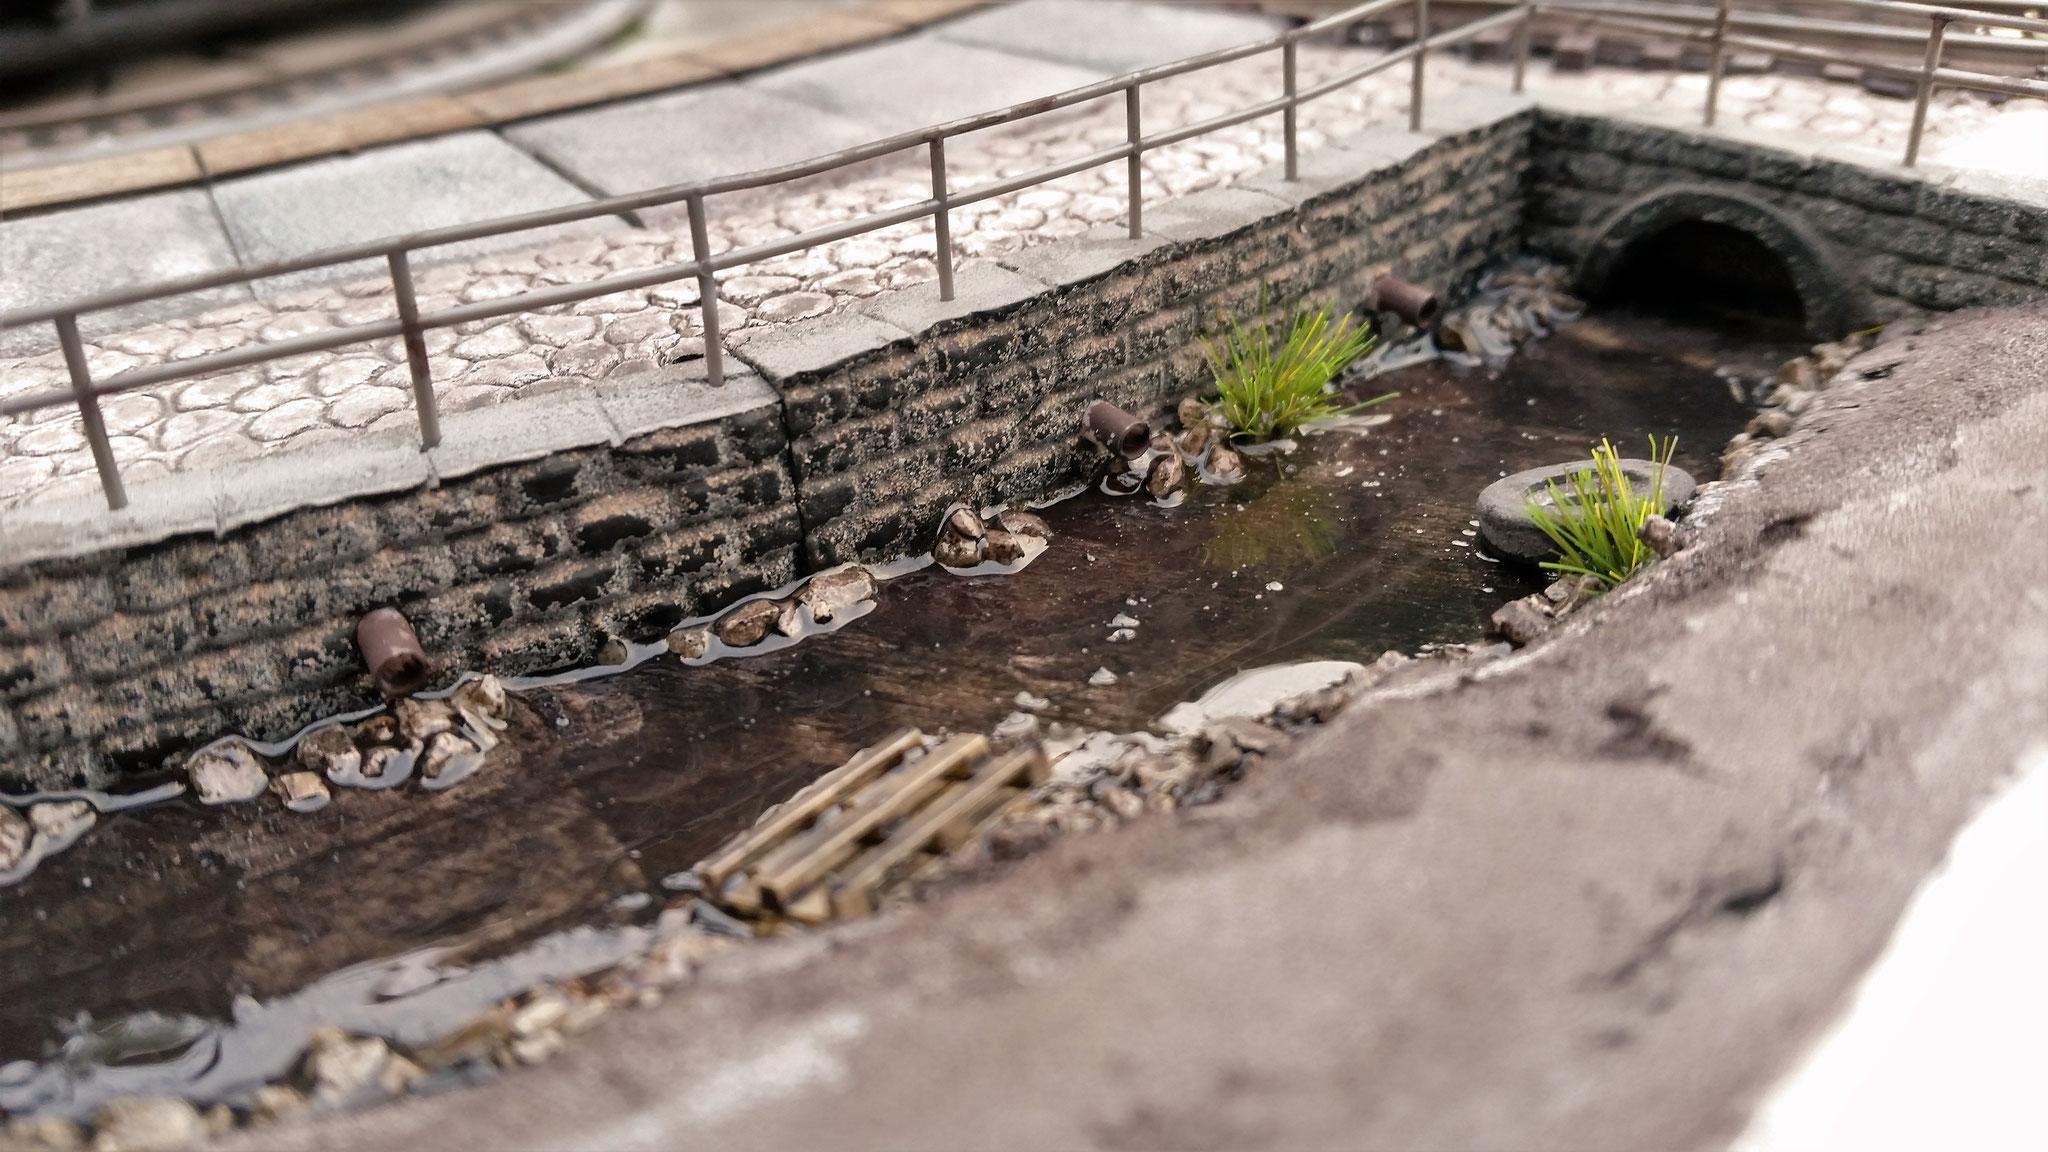 Der vordere Teil des Grabens wird noch begrünt, dies folgt aber erst im September...